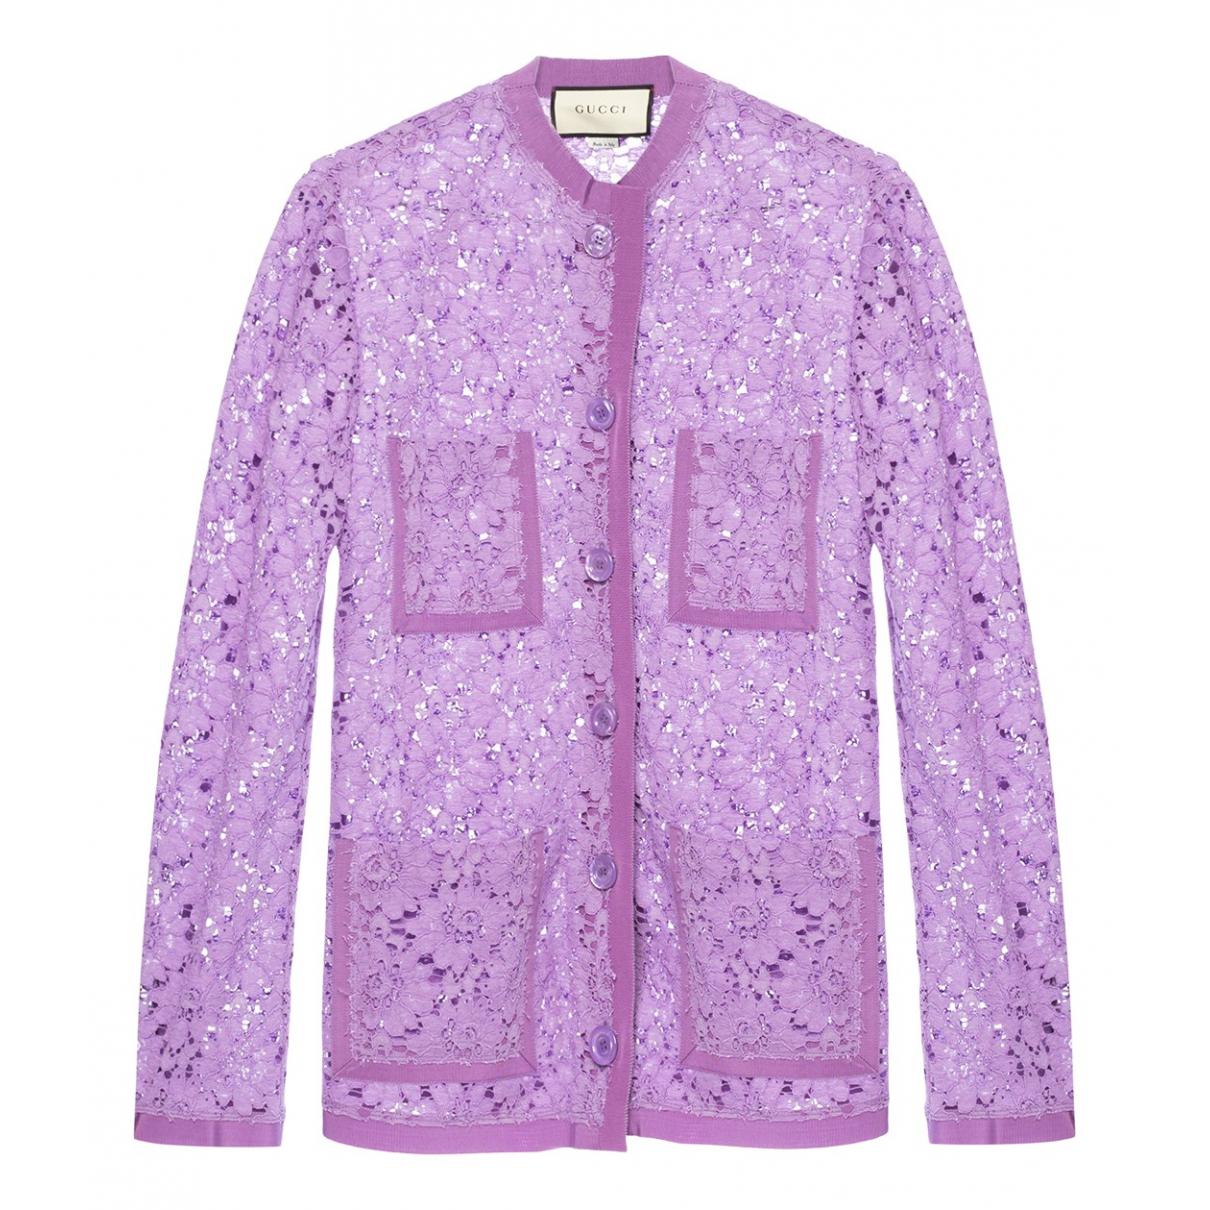 Gucci - Pull   pour femme - violet